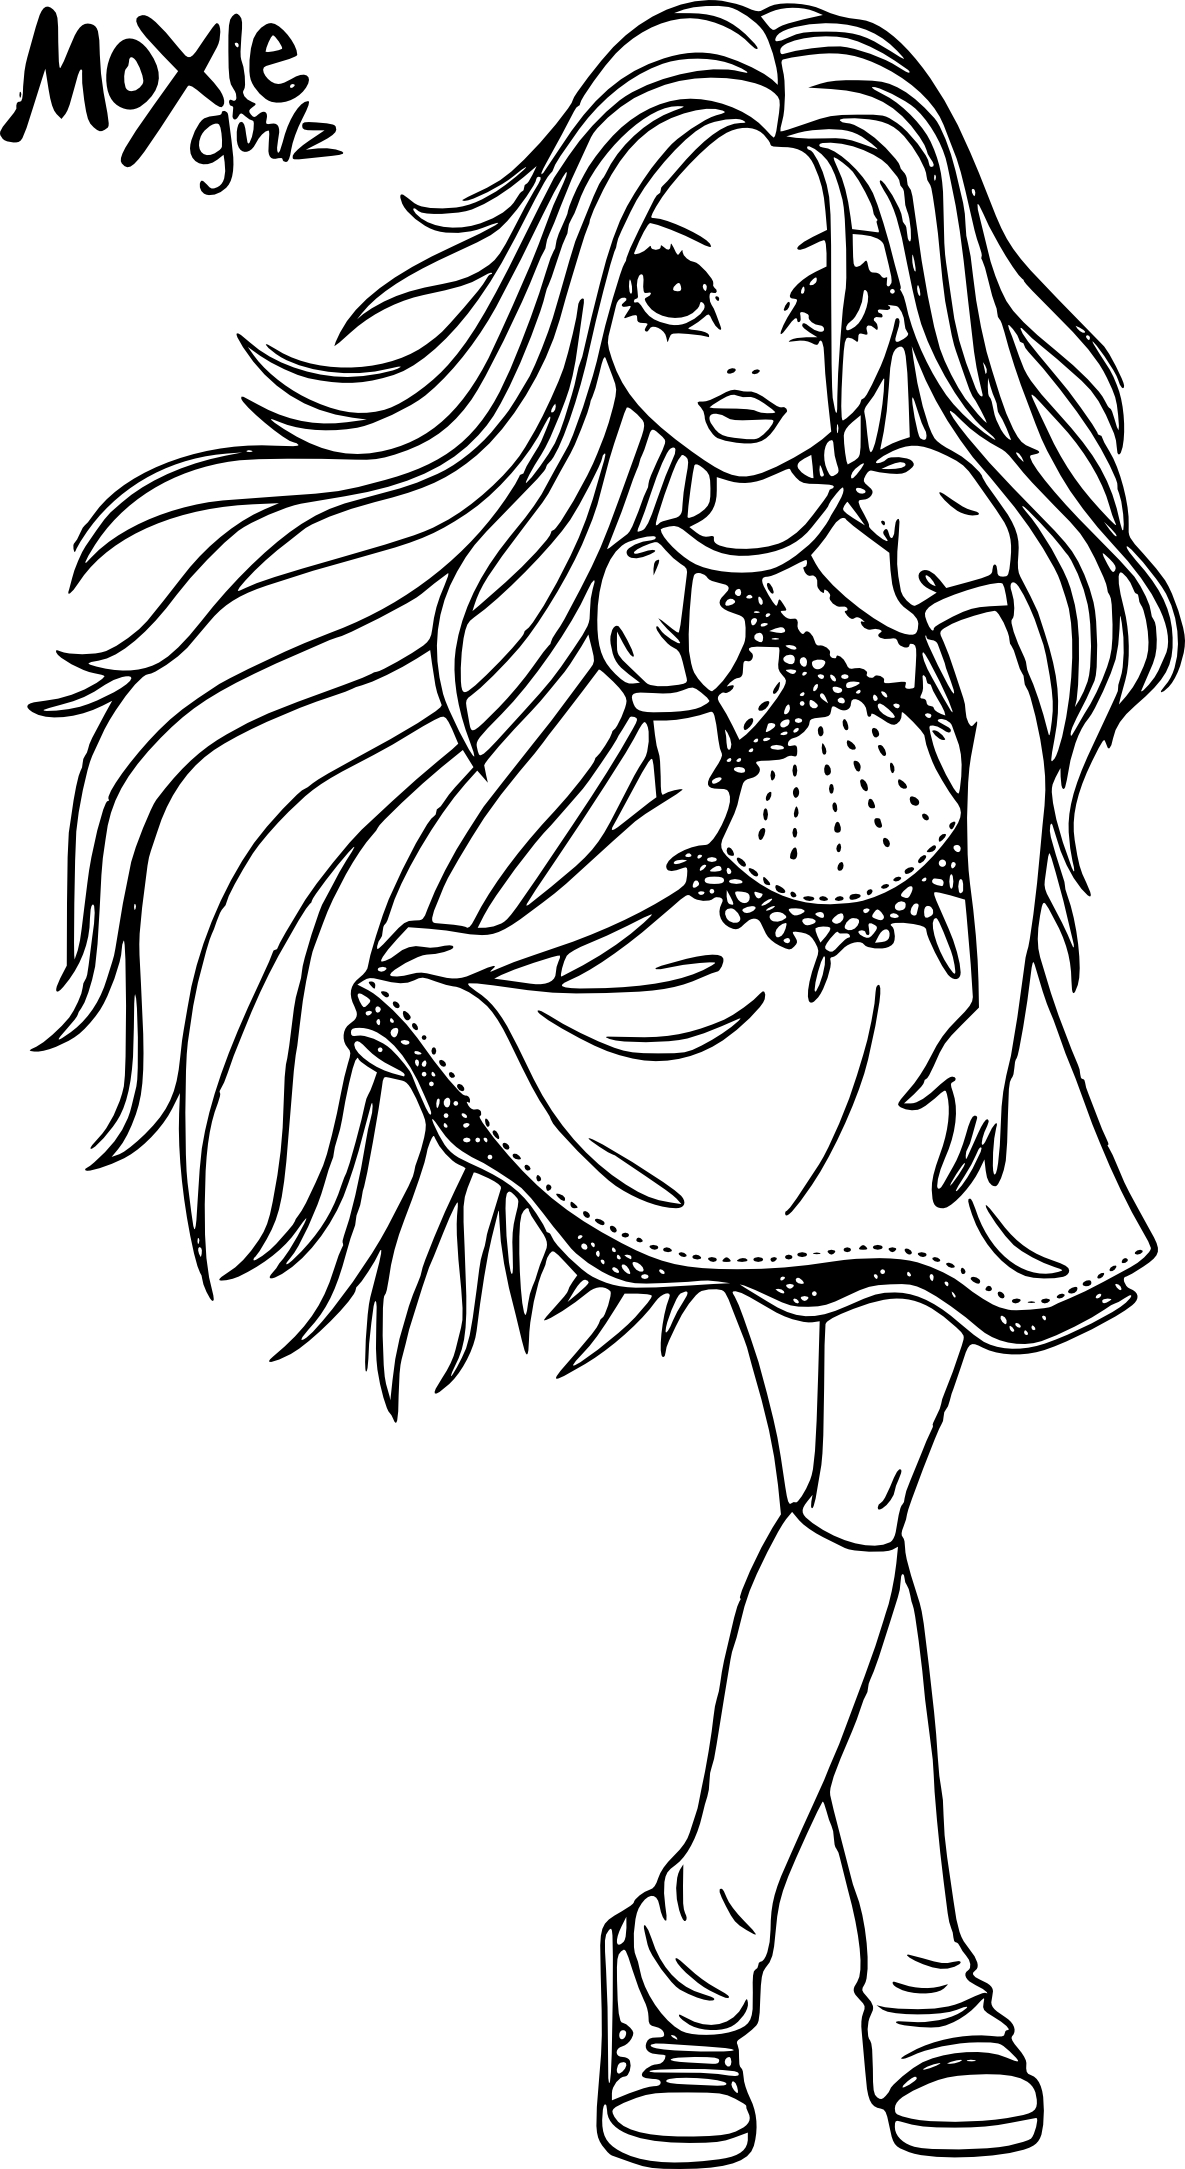 coloriage moxie girlz et dessin